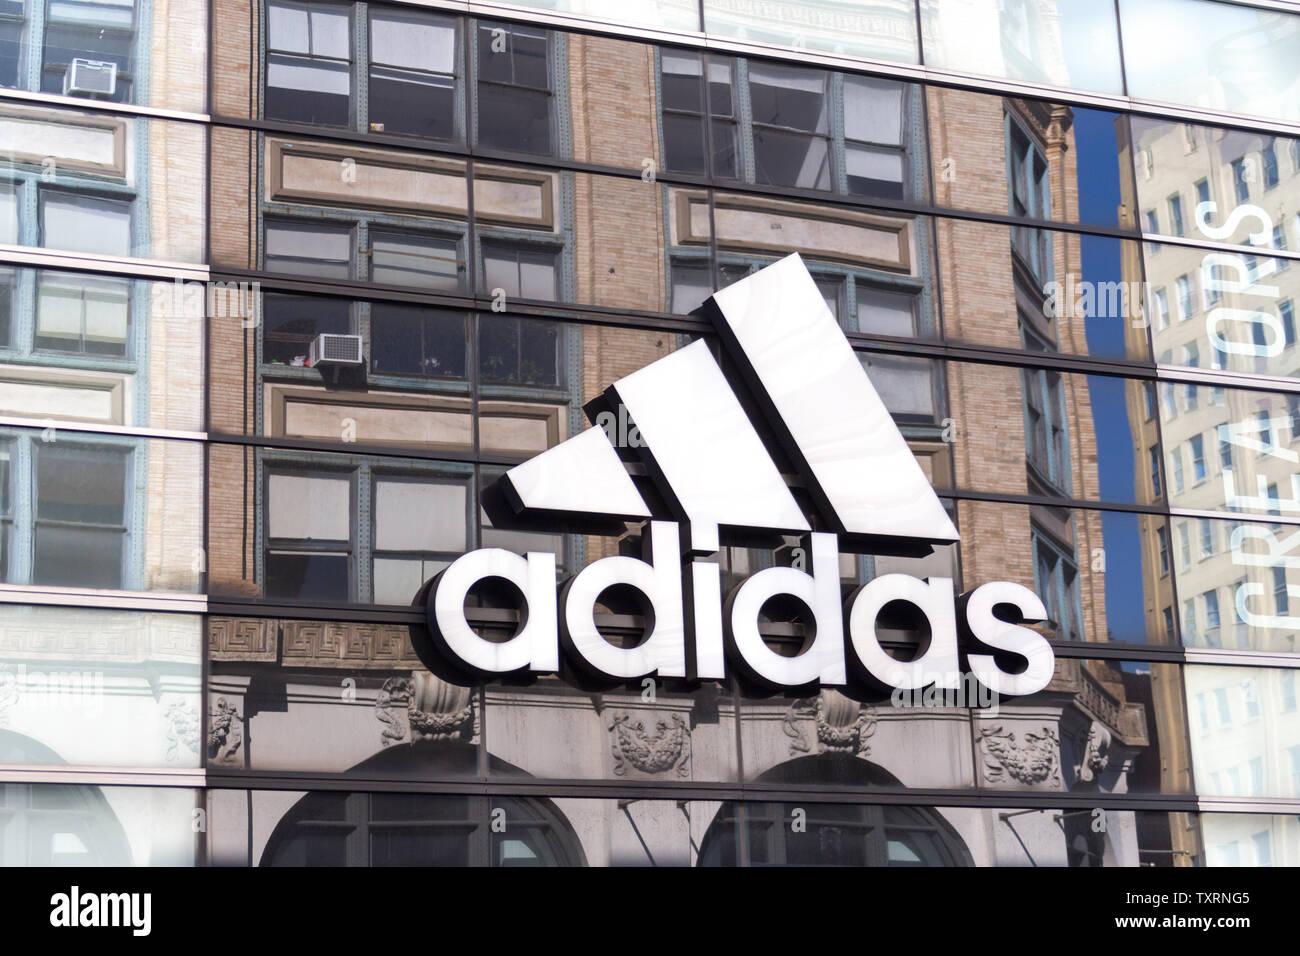 NEW YORK, USA - 16. MAI 2019: Adidas Logo auf einem Store Front in Manhattan, New York Stockfoto